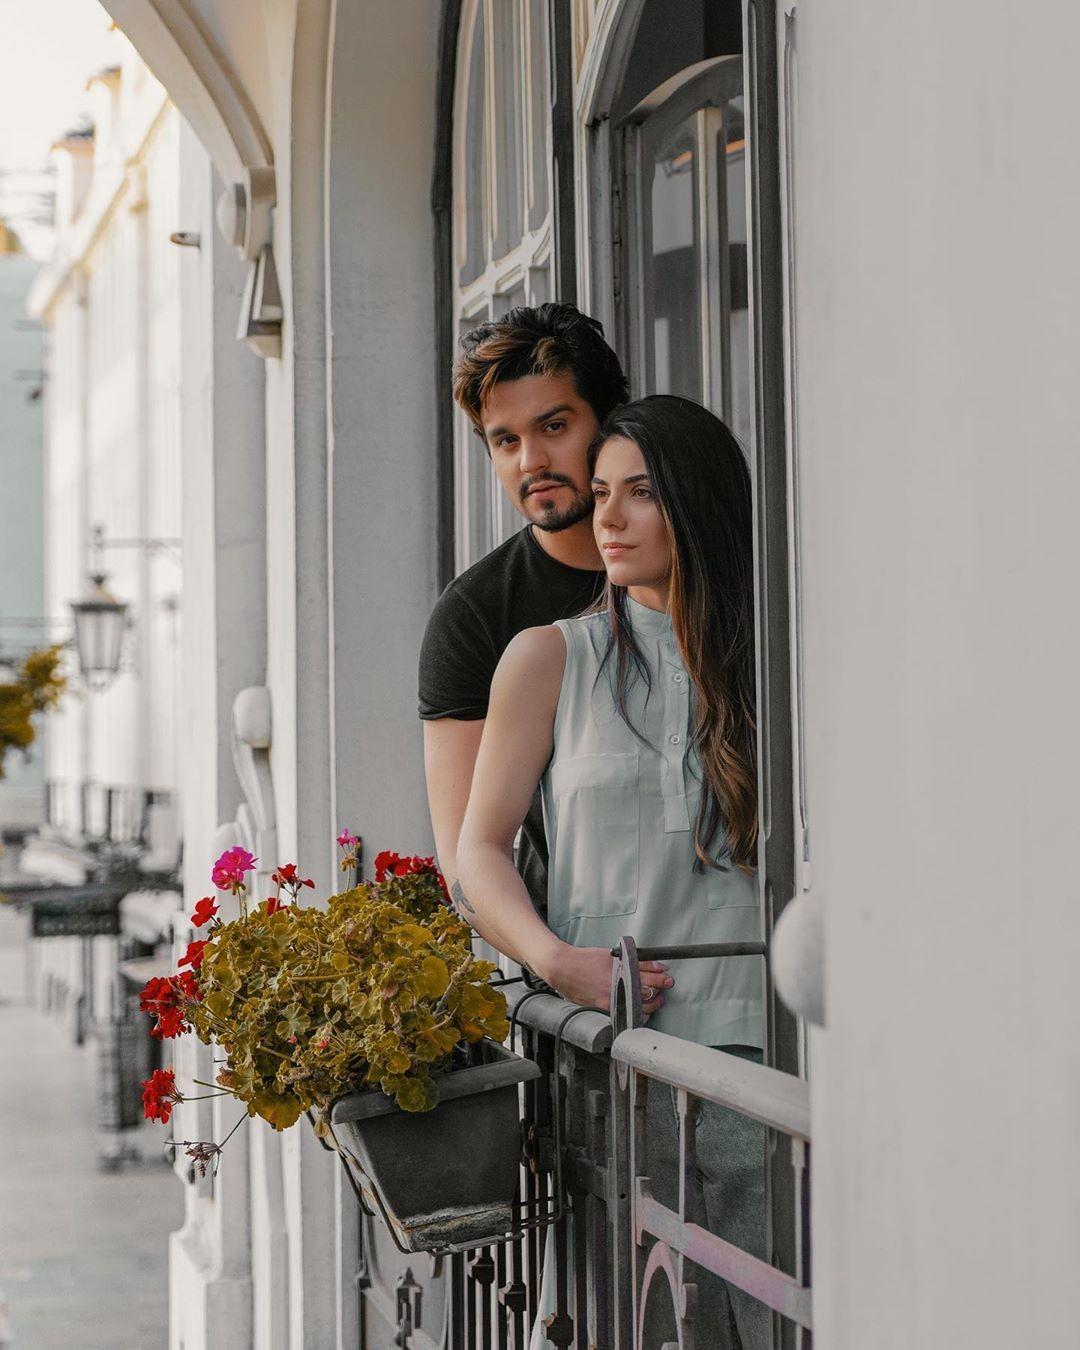 Luan Santana pede Jade Magalhães em casamento durante passeio de balão: 'Agora me sinto pronto' - Notícias - Plantão Diário